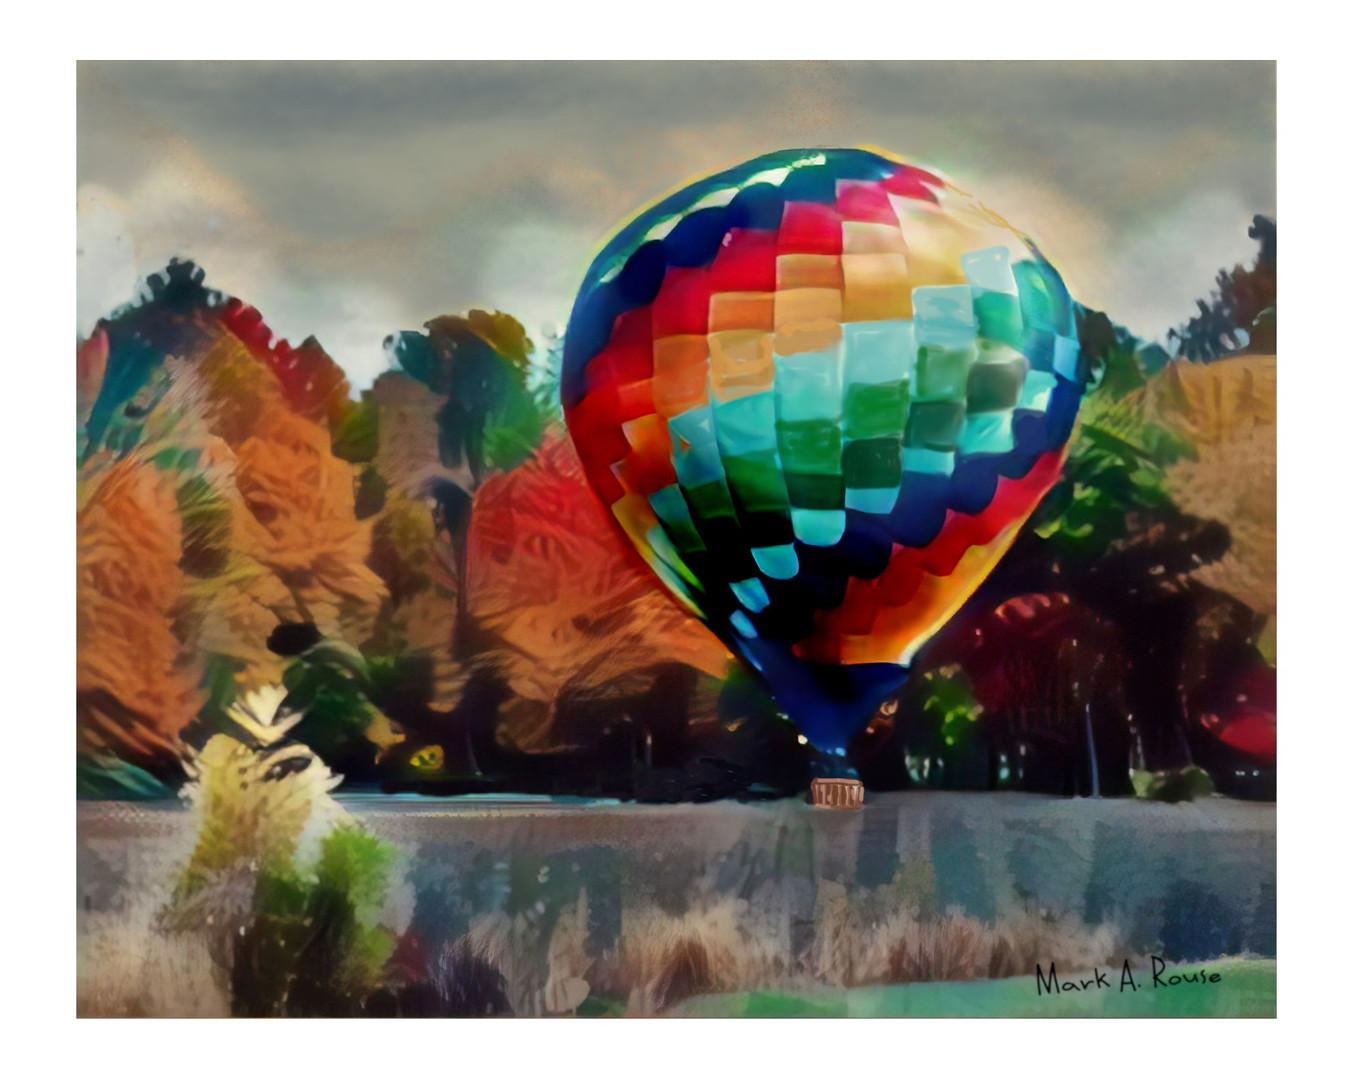 Geoff's Balloon